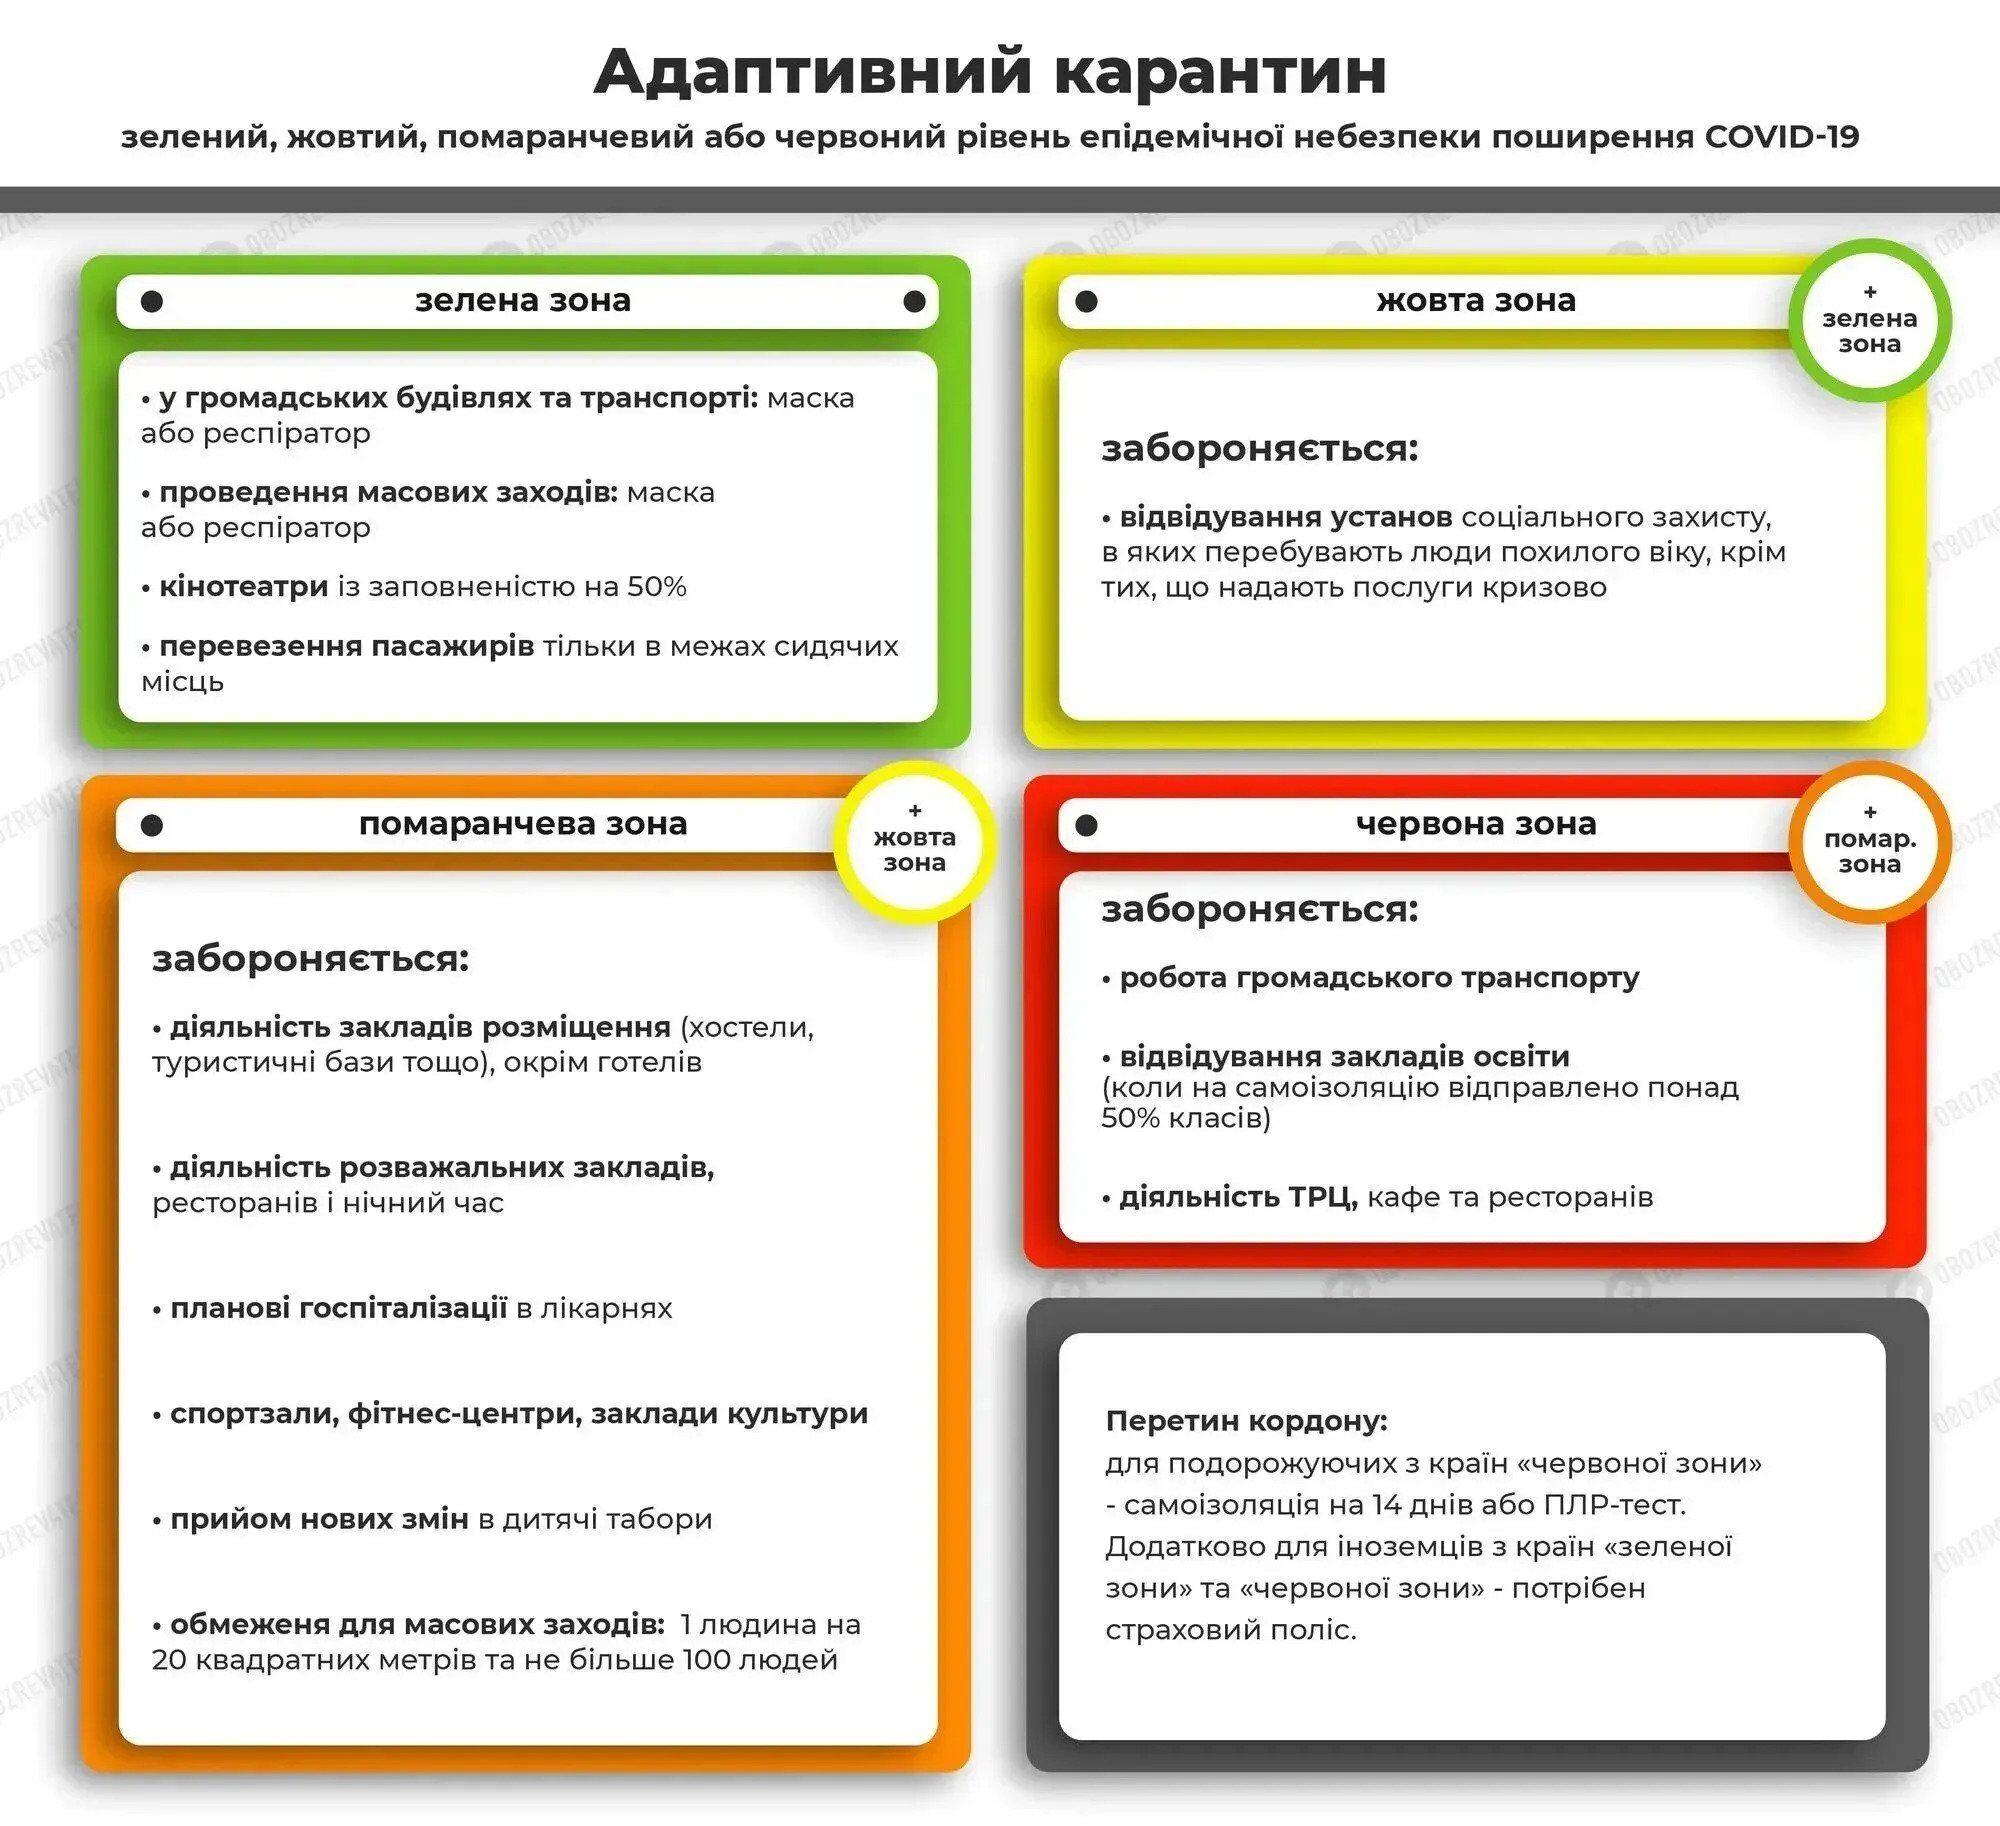 Розділять на зони та продовжать режим НС: Україна повертається до адаптивного карантину